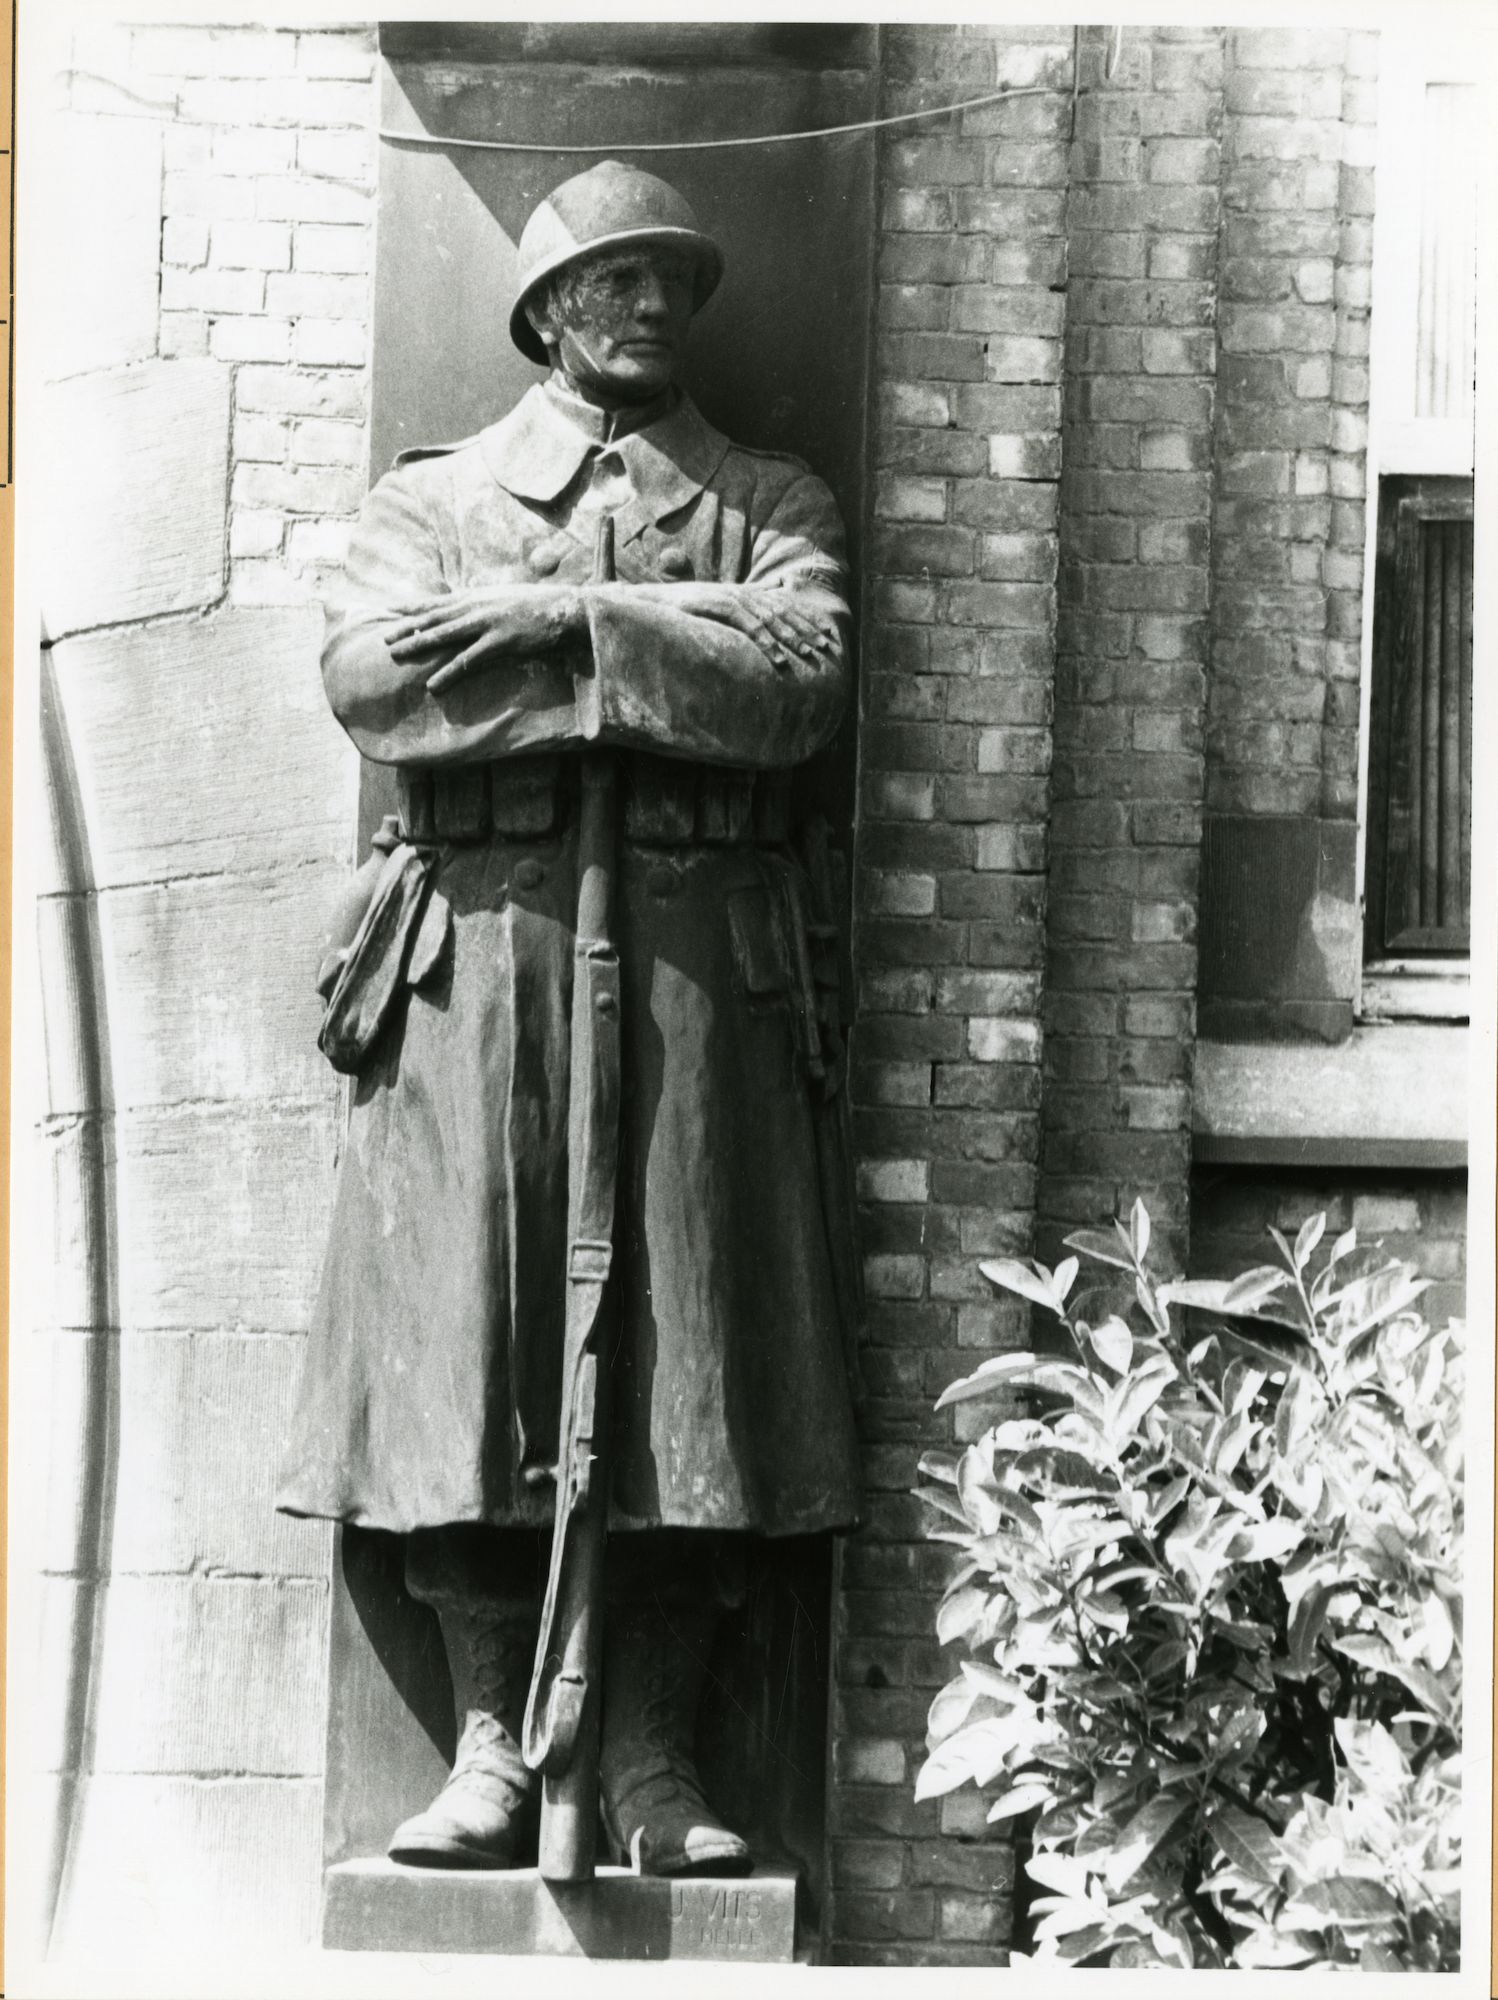 Gent: Gaspar De Craeyerstraat 2: Leopoldskazerne: standbeeld: Hulde aan de Strijd, 1979